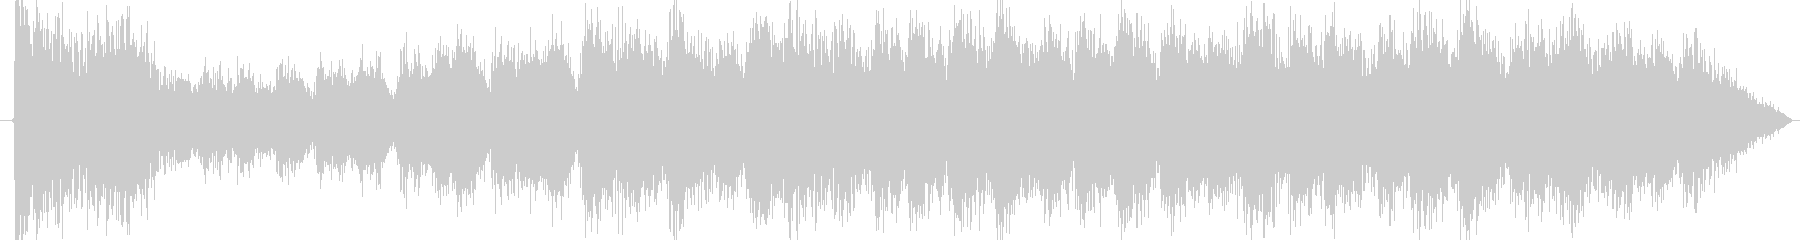 ドラムロールの未再生の波形